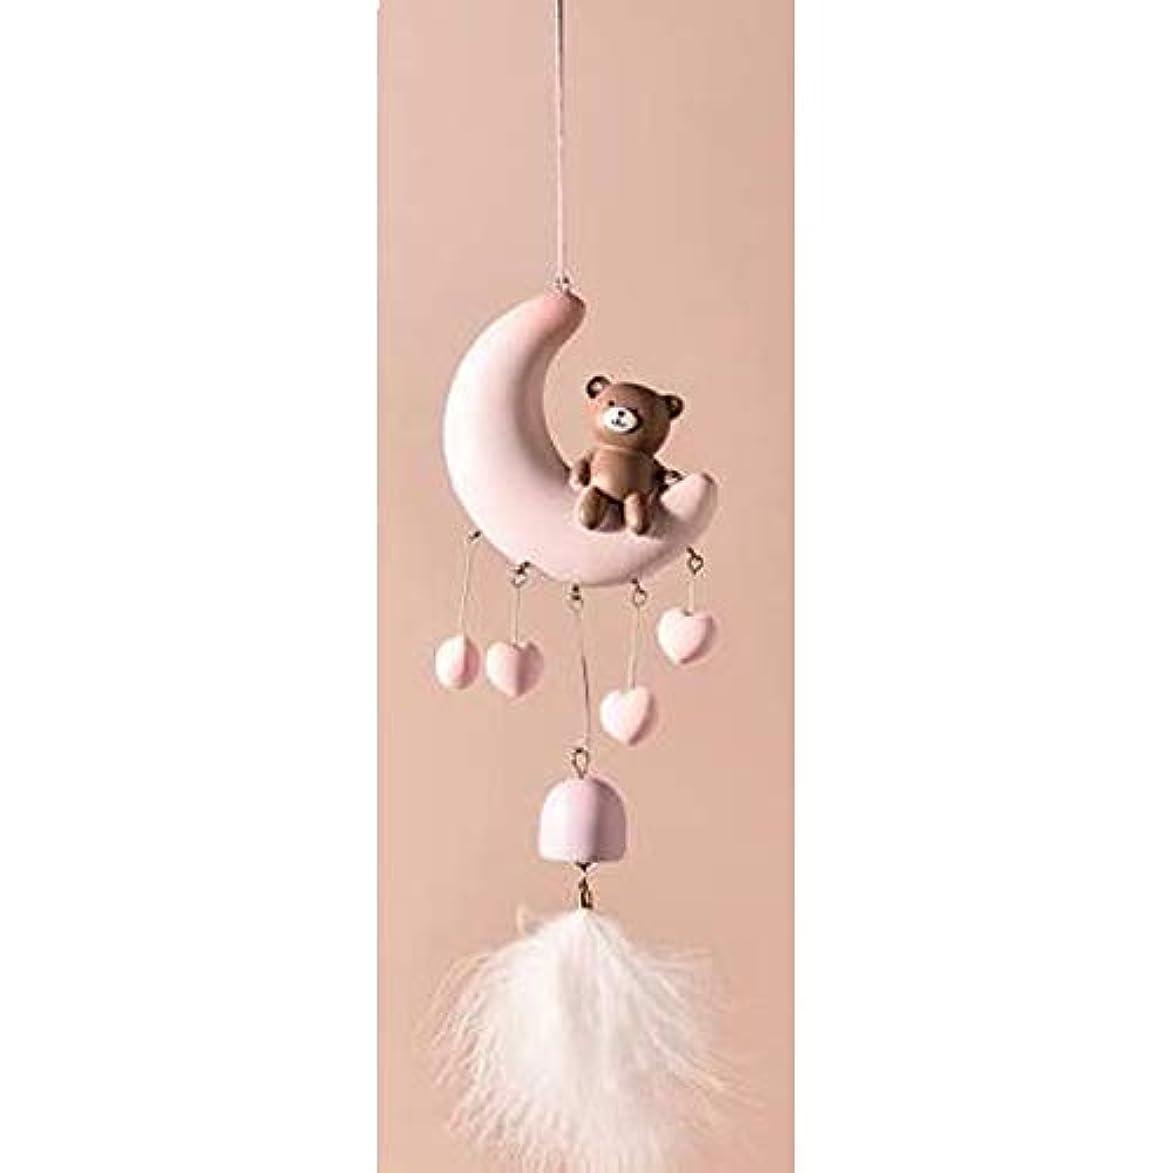 たとえ安息破壊Yougou01 風チャイム、樹脂クリエイティブかわいい動物風チャイム、ブラウン、全身について38センチメートル 、創造的な装飾 (Color : Pink)